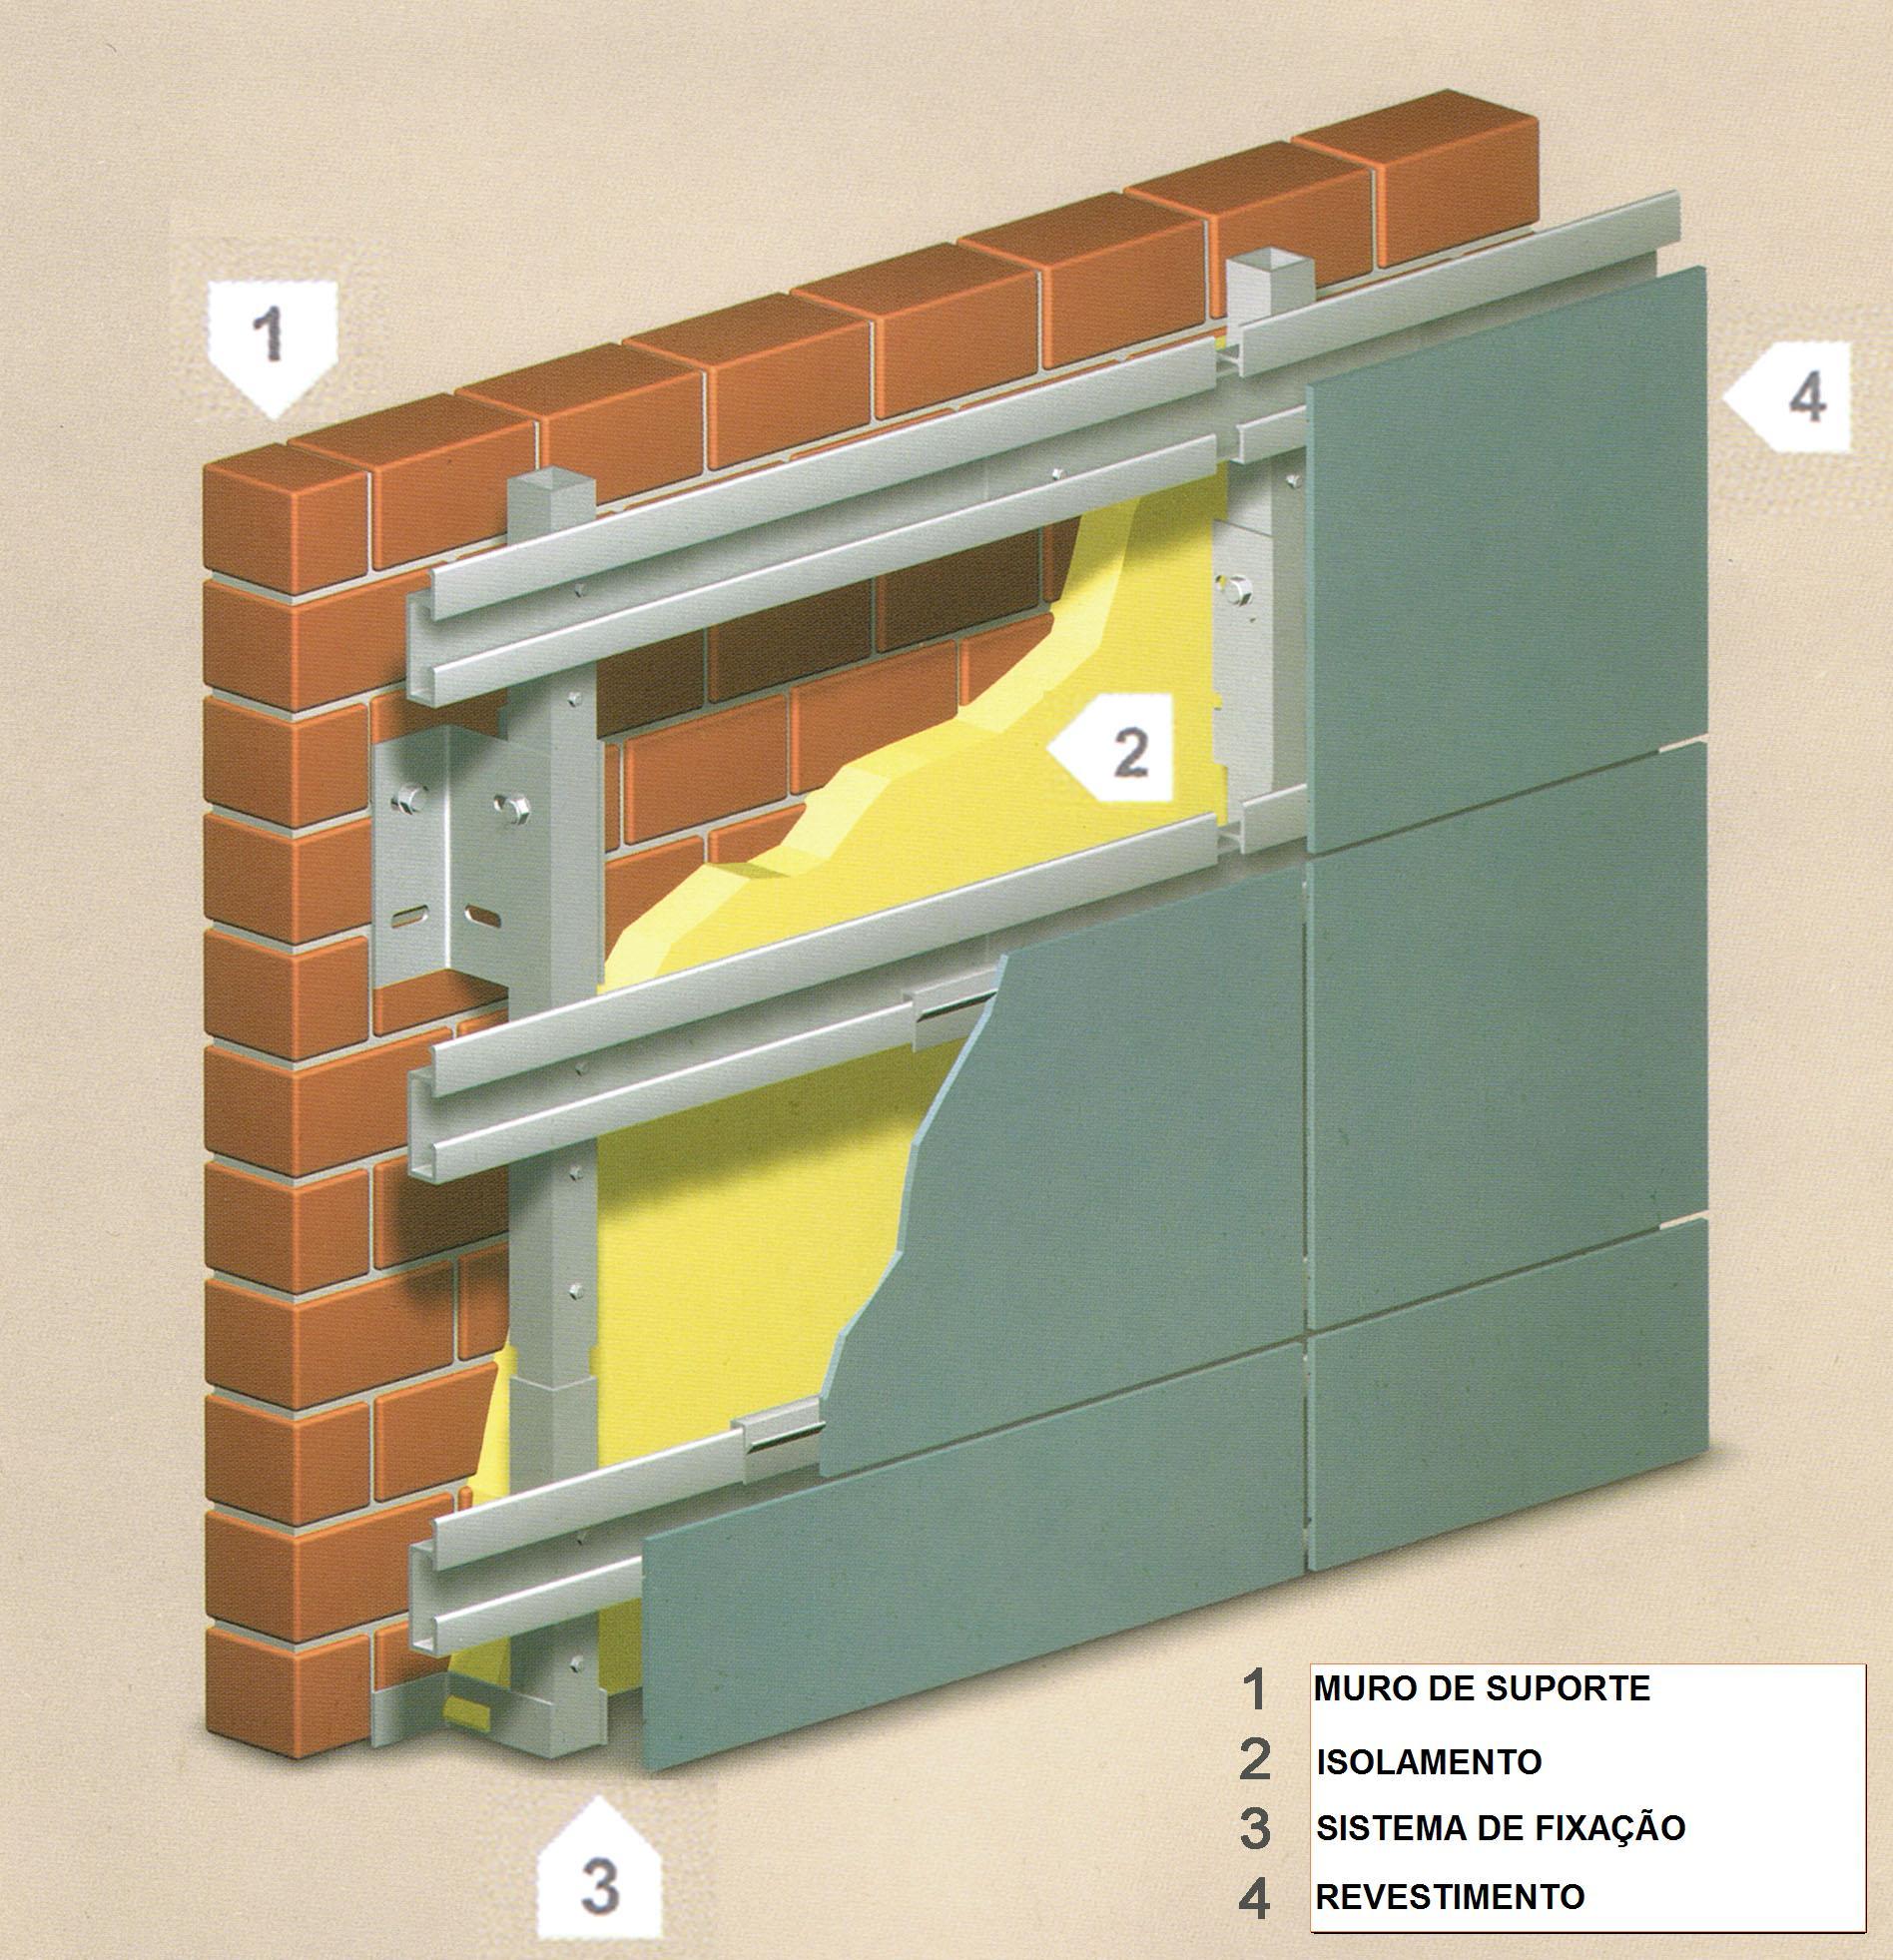 Fachadas ventiladas grafico explicacion